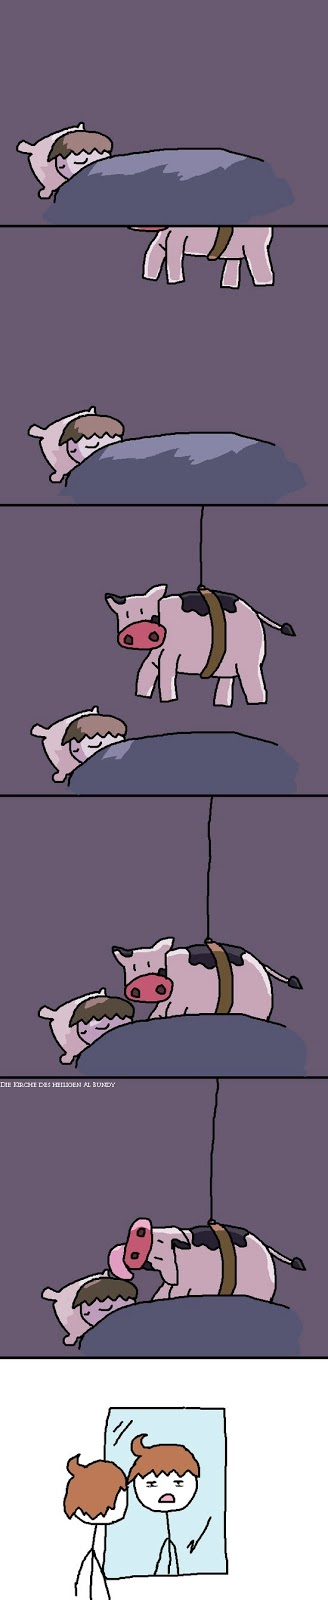 Schlafen lustige Comic Bilder Stietz